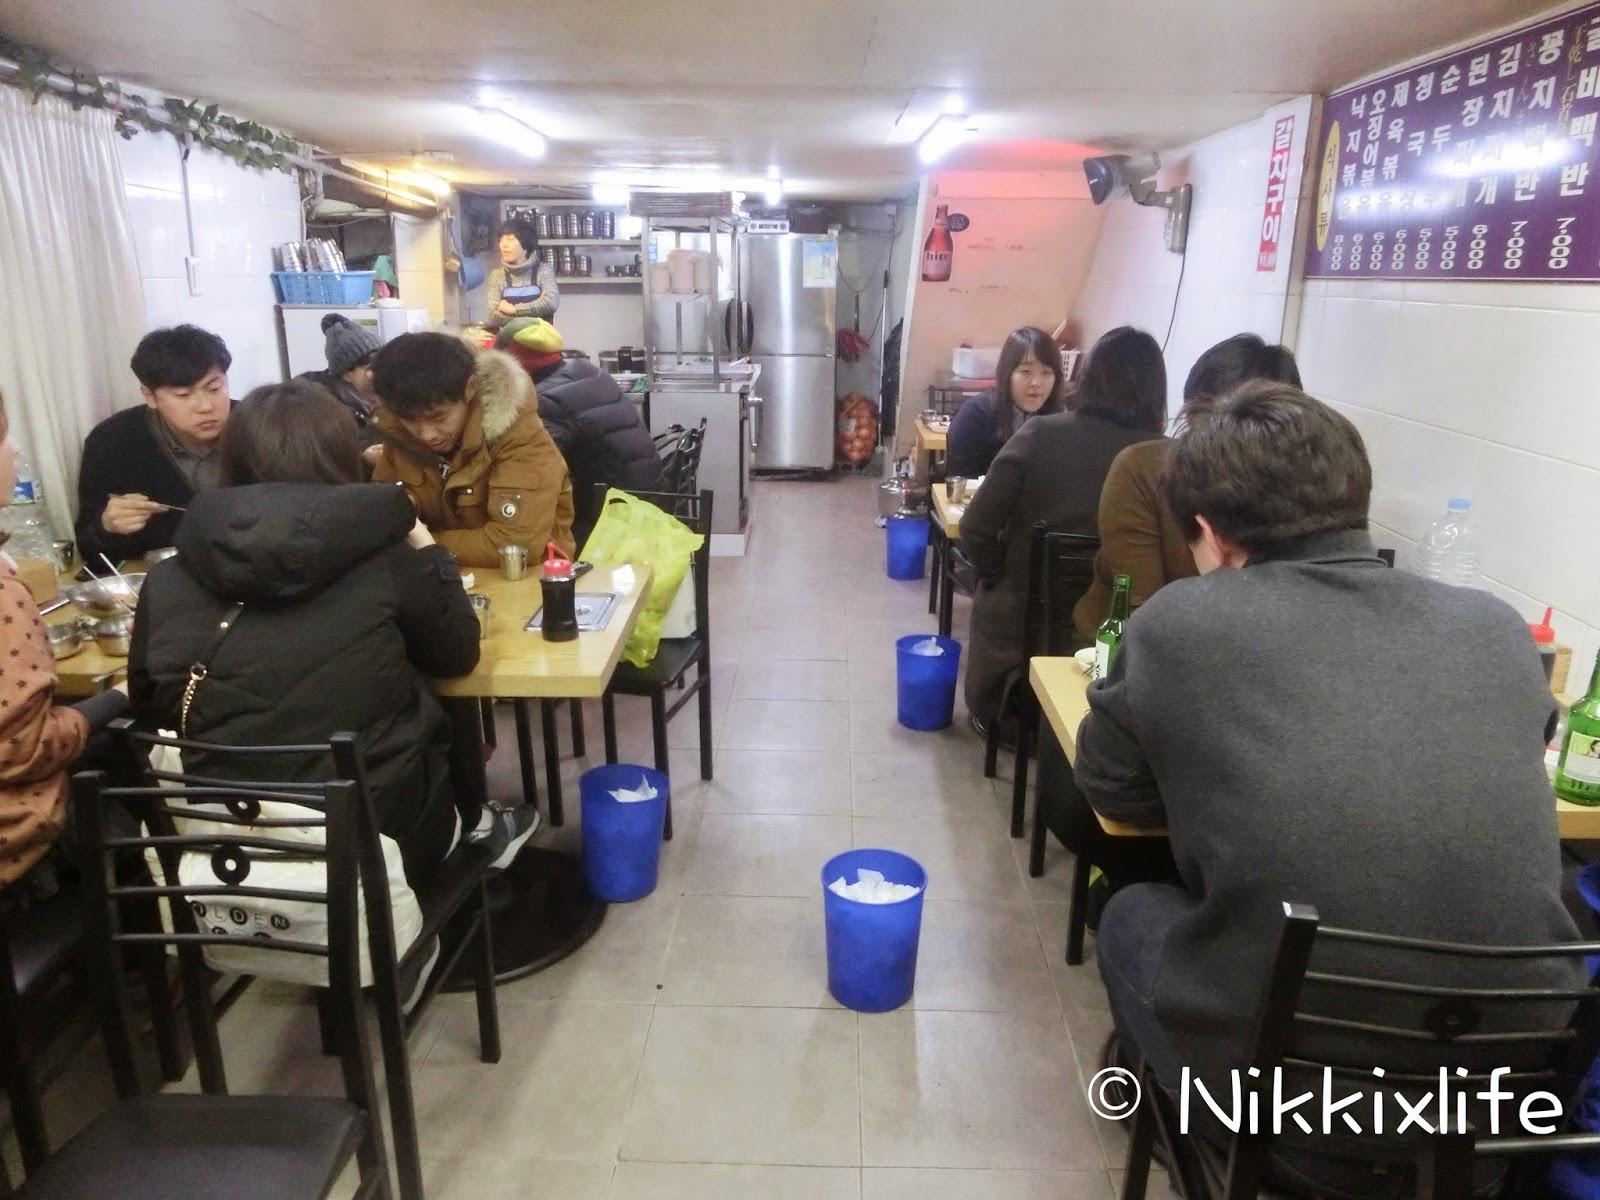 【首爾食記2015】東大門烤魚店全州食堂:即使以後很平凡這一節亦美好! 5